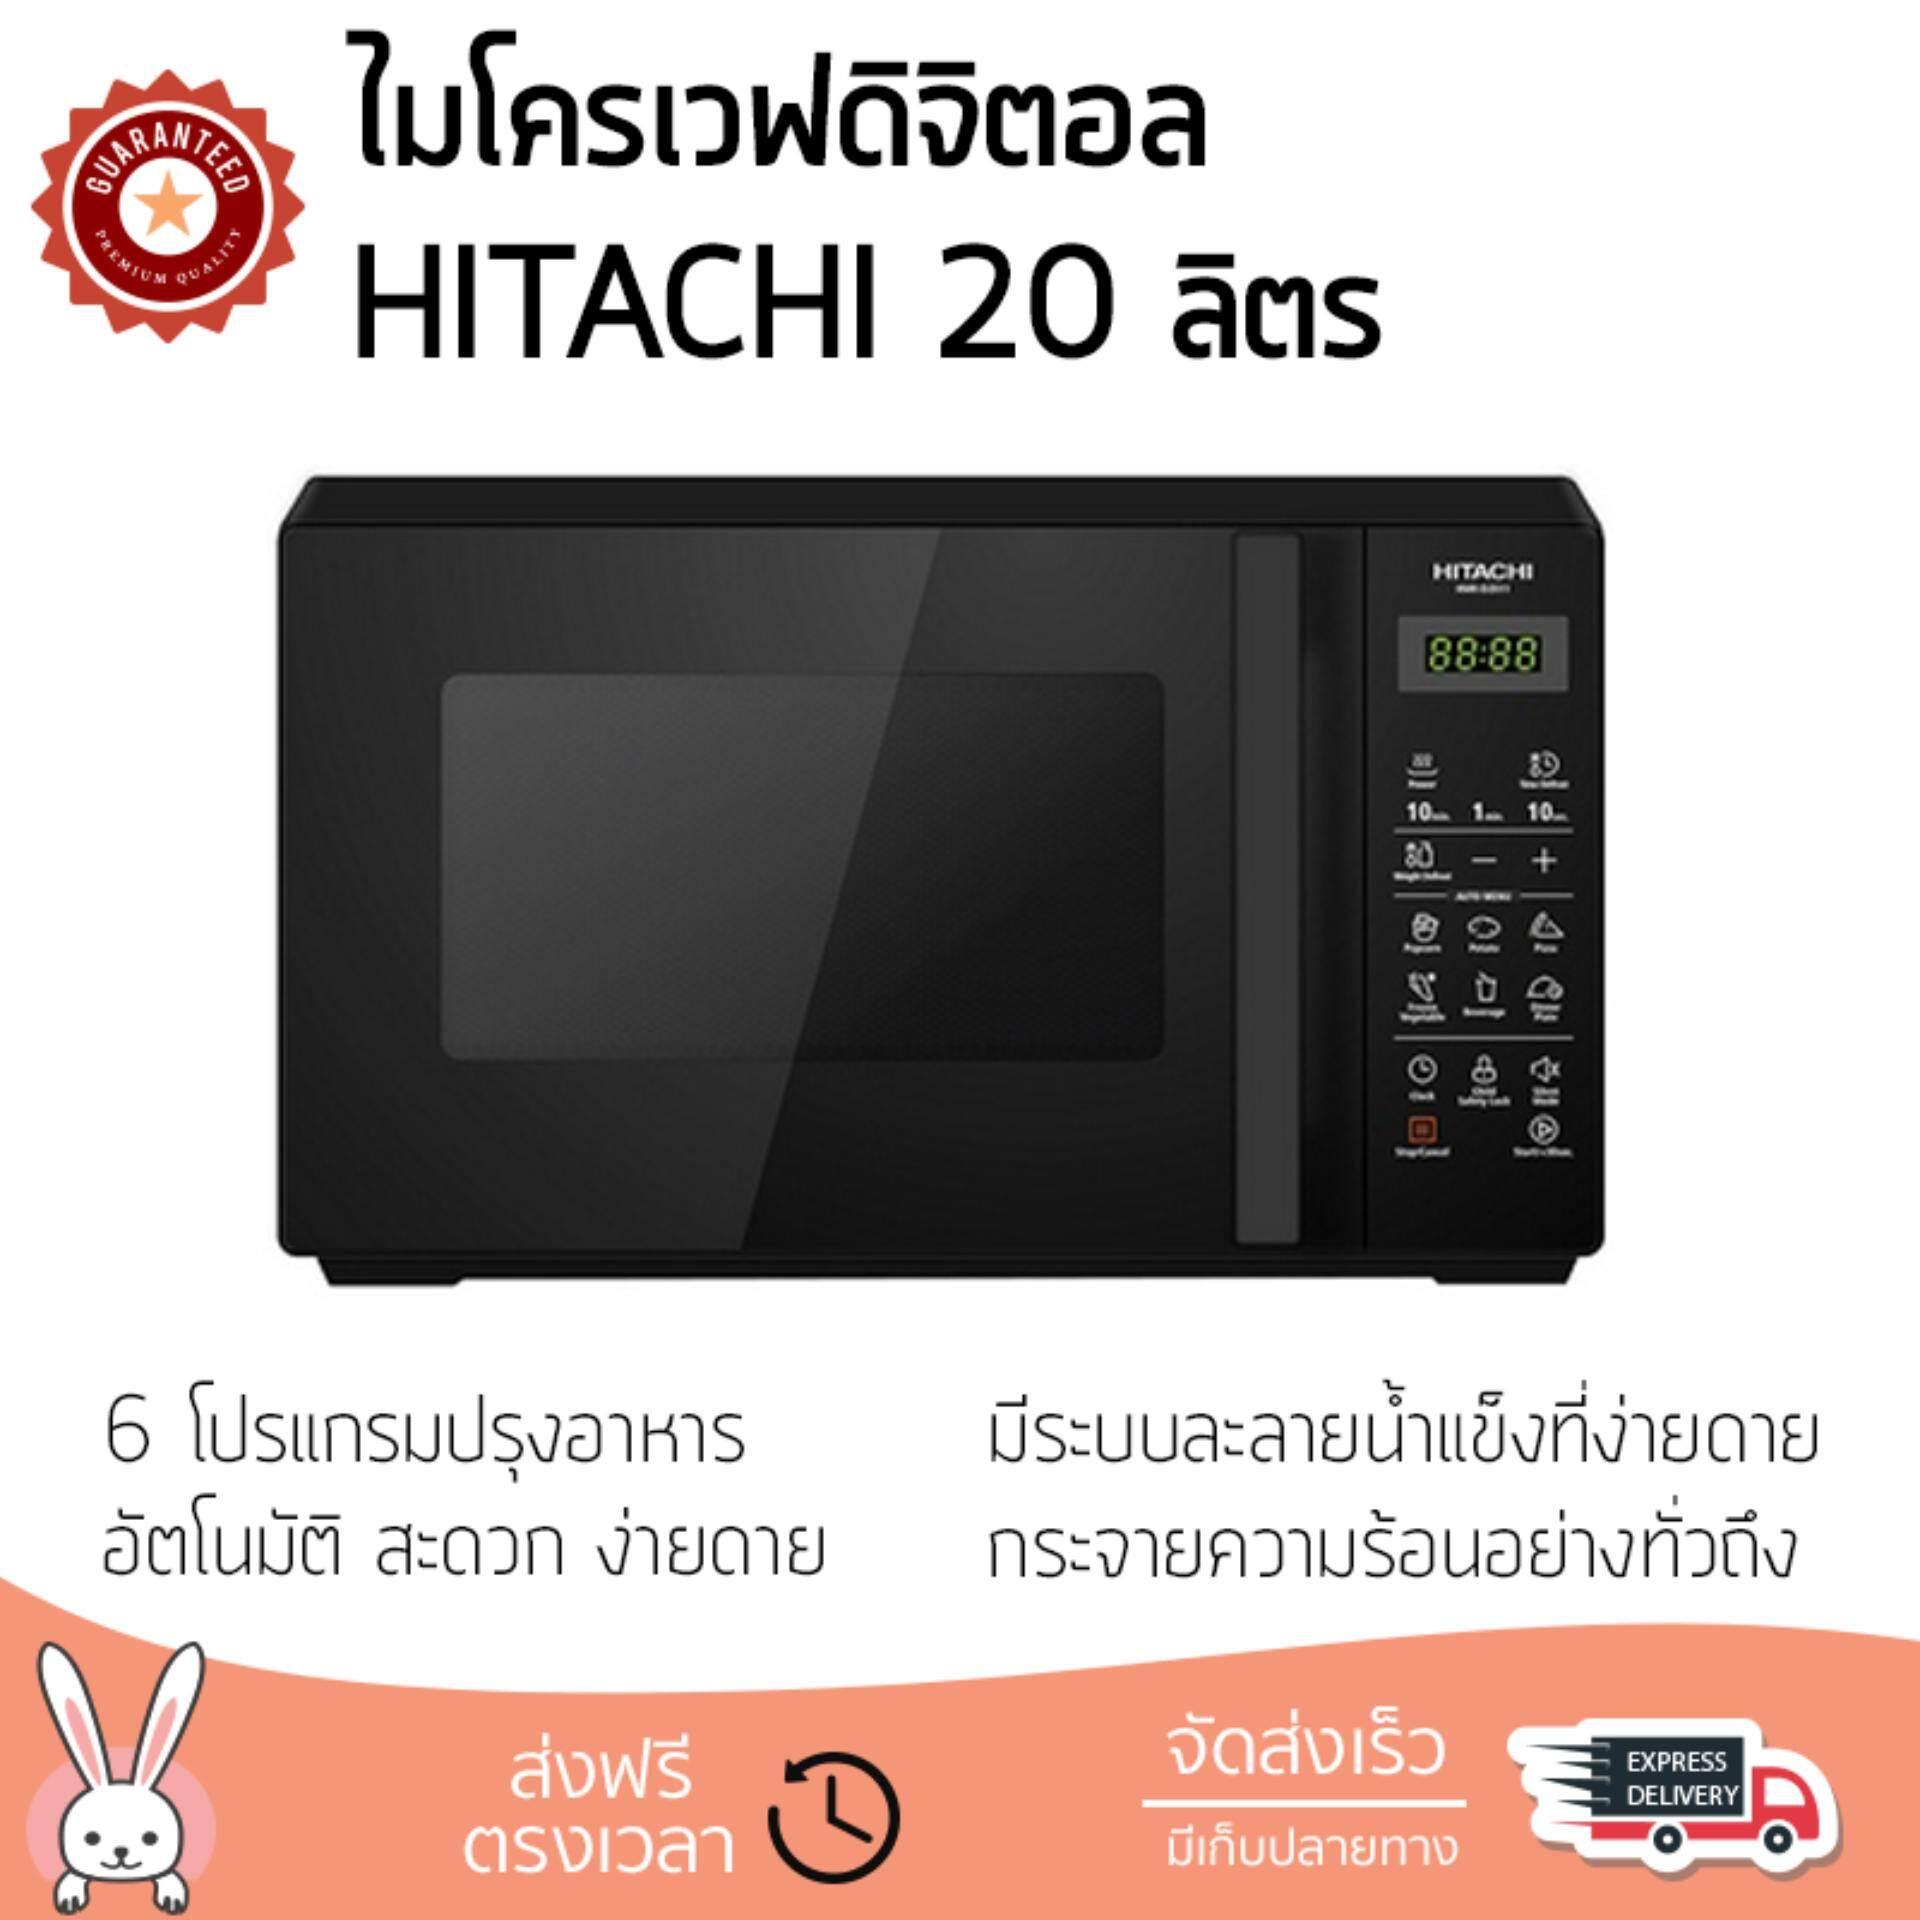 รุ่นใหม่ล่าสุด ไมโครเวฟ เตาอบไมโครเวฟ ไมโครเวฟดิจิตอล HITACHI HMR-D2011 20 ลิตร   HITACHI   HMR-D2011 ปรับระดับความร้อนได้หลายระดับ  มีฟังก์ชันละลายน้ำแข็ง ใช้งานง่าย Microwave จัดส่งฟรีทั่วประเทศ